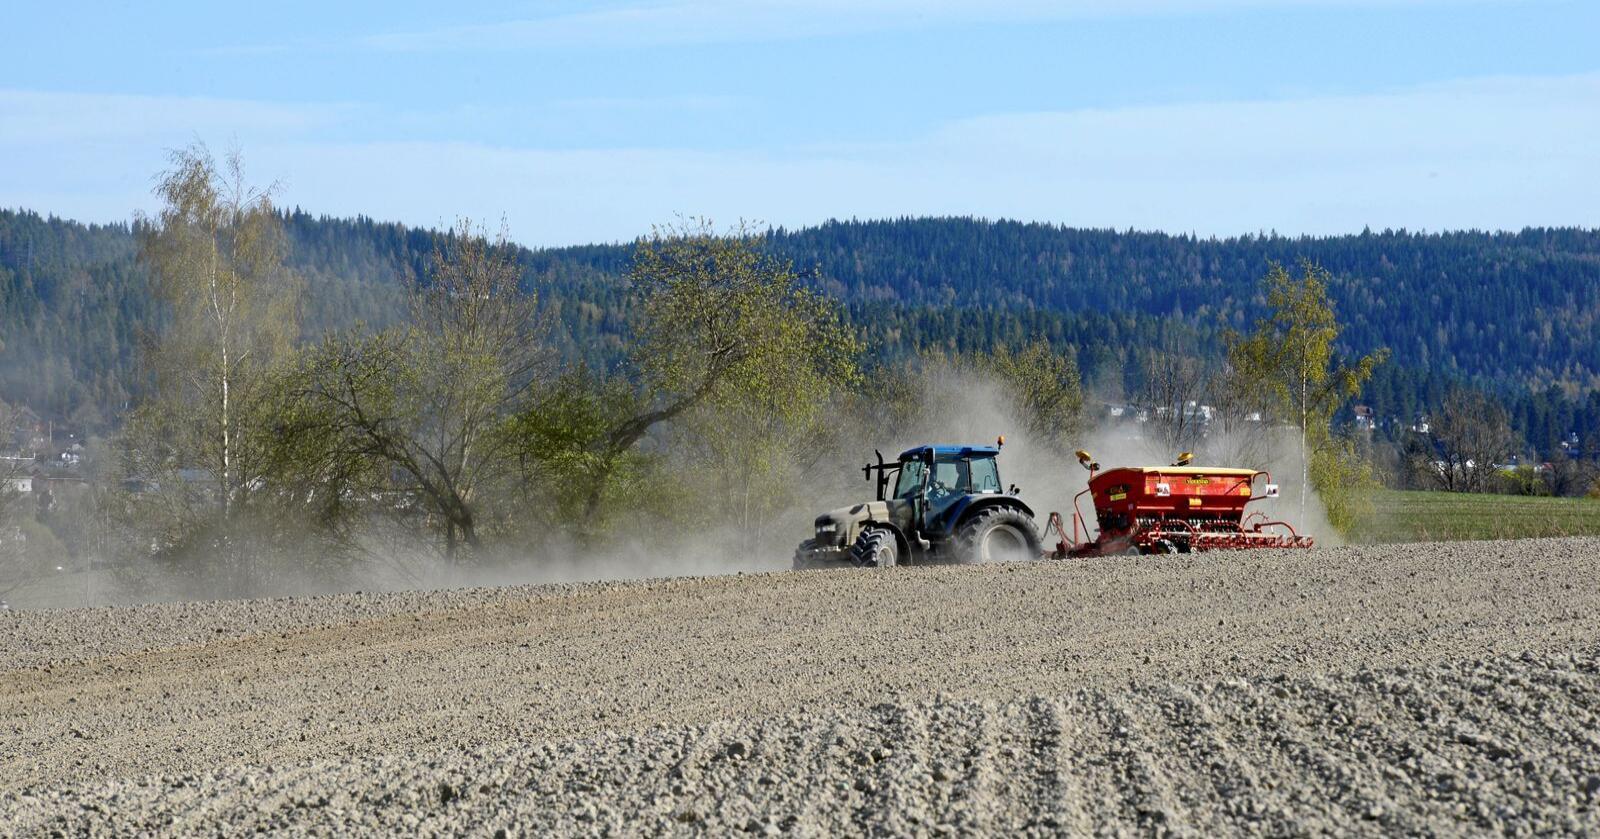 Det nye biodrivstoffet bør kanaliseres til sektorer der det er vanskelig eller kostbart å få til elektrifisering, slik som landbruket, skriver Bjørn Eidem. Foto: Mariann Tvete